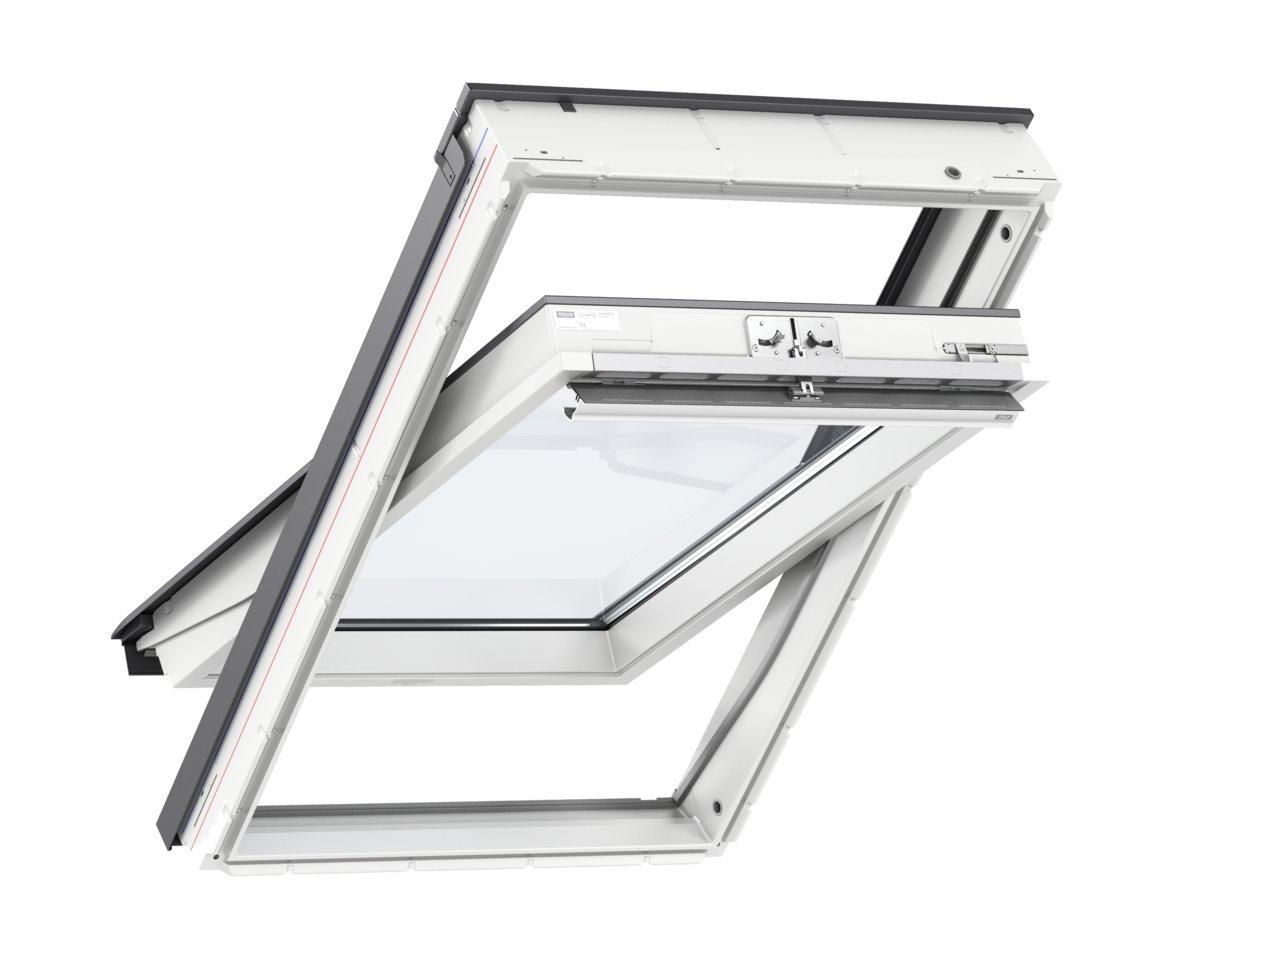 AFG Schweiz Skylight Kunststoff Dachfenster PVC 78 x 118 mit Eindeckrahmen f/ür Dachziegel Au/ßenfarbe Dunkelbraun Schwingfenster Dachfl/ächenfenster